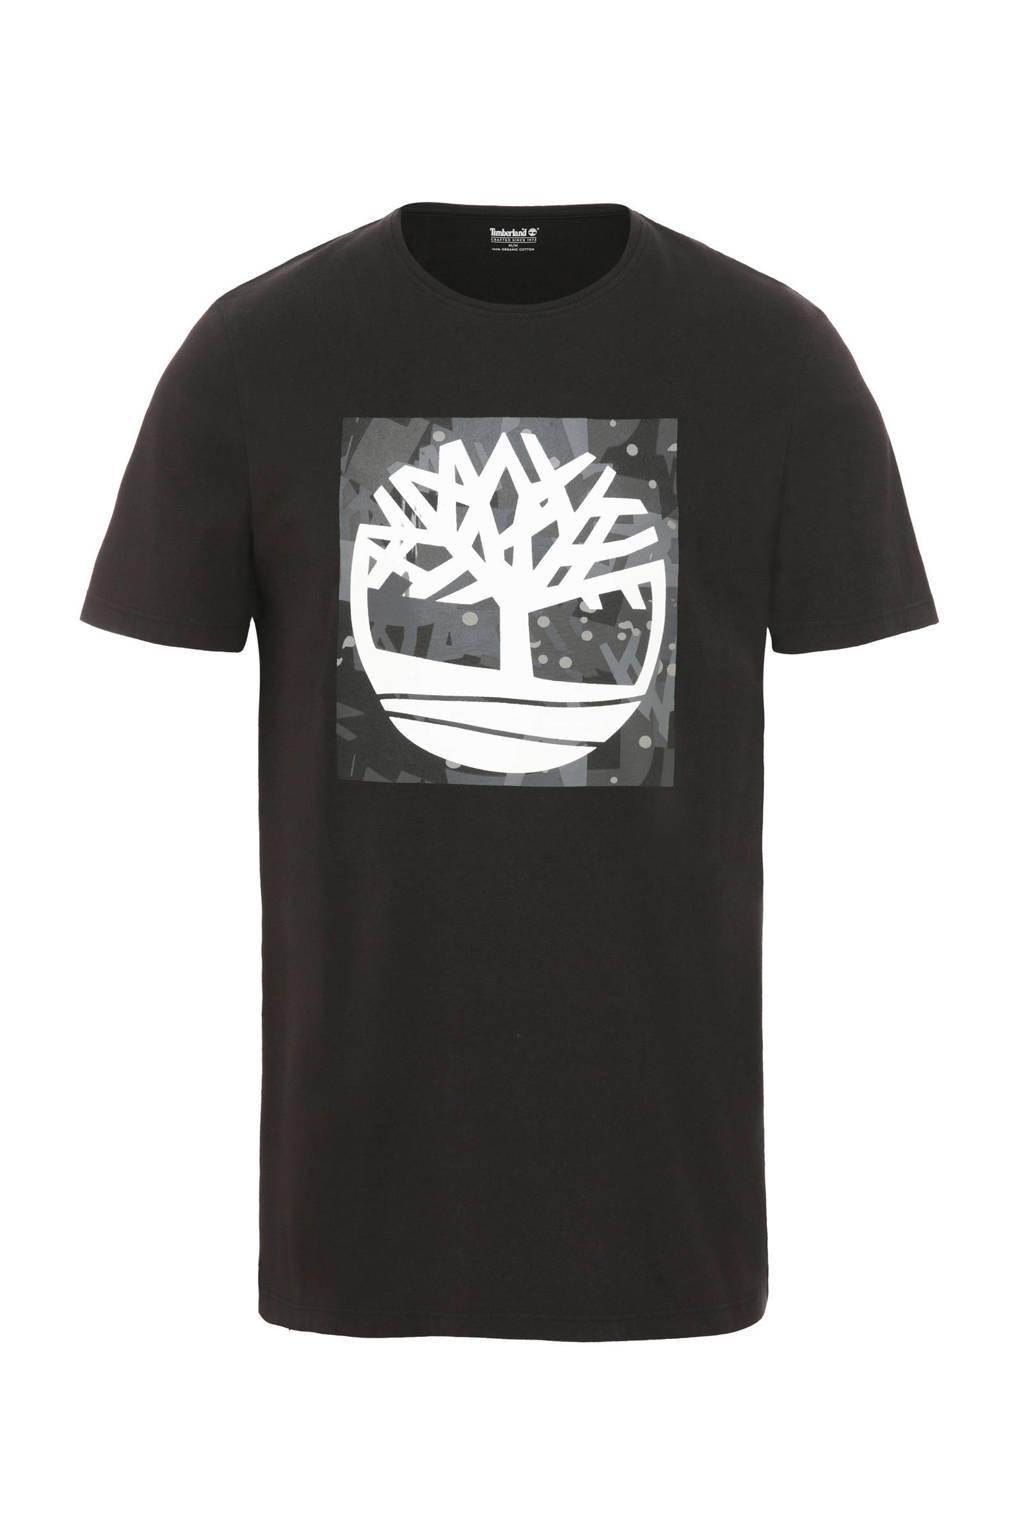 Timberland T-shirt met logo zwart, Zwart